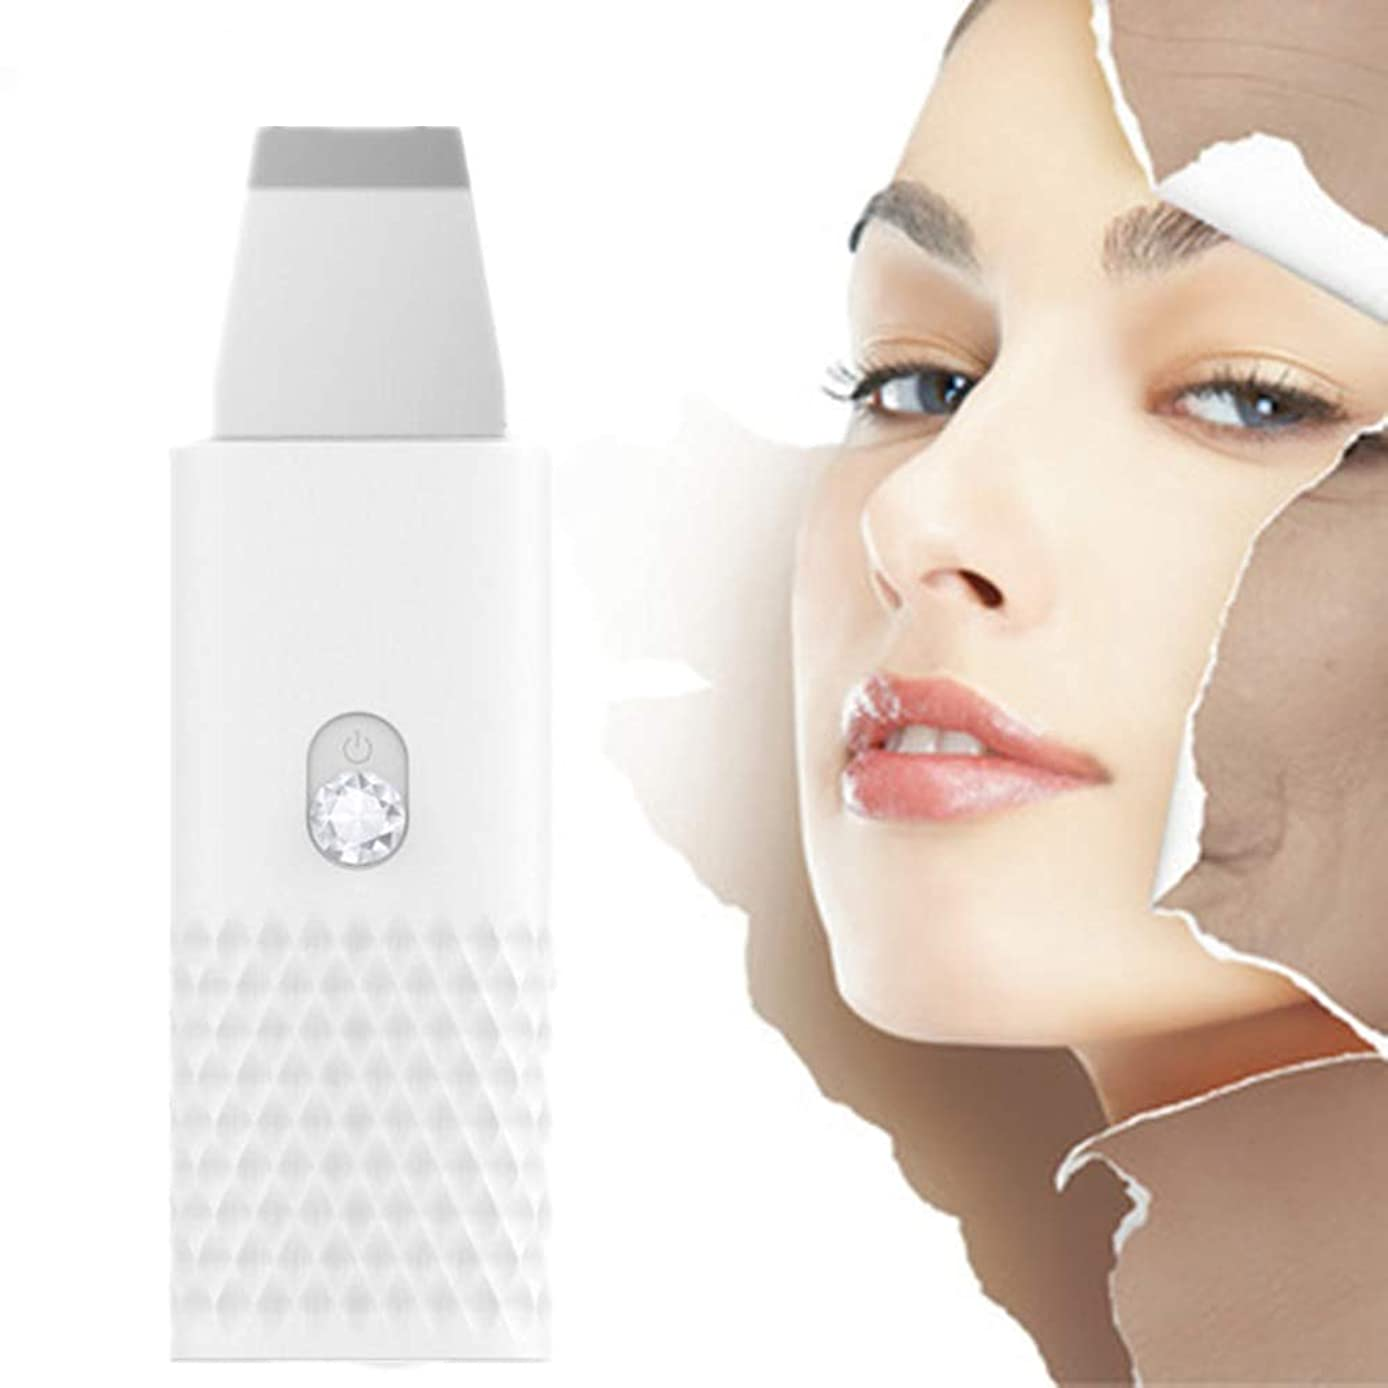 タヒチコンサート敵ツールクレンザー古い角質除去ホワイトピーリング顔の皮膚のスクラバーブラックヘッドリムーバー毛穴クリーナー電気EMS導入モードUSB充電女性のスキンマッサージスクラバー?フェイシャルリフティング